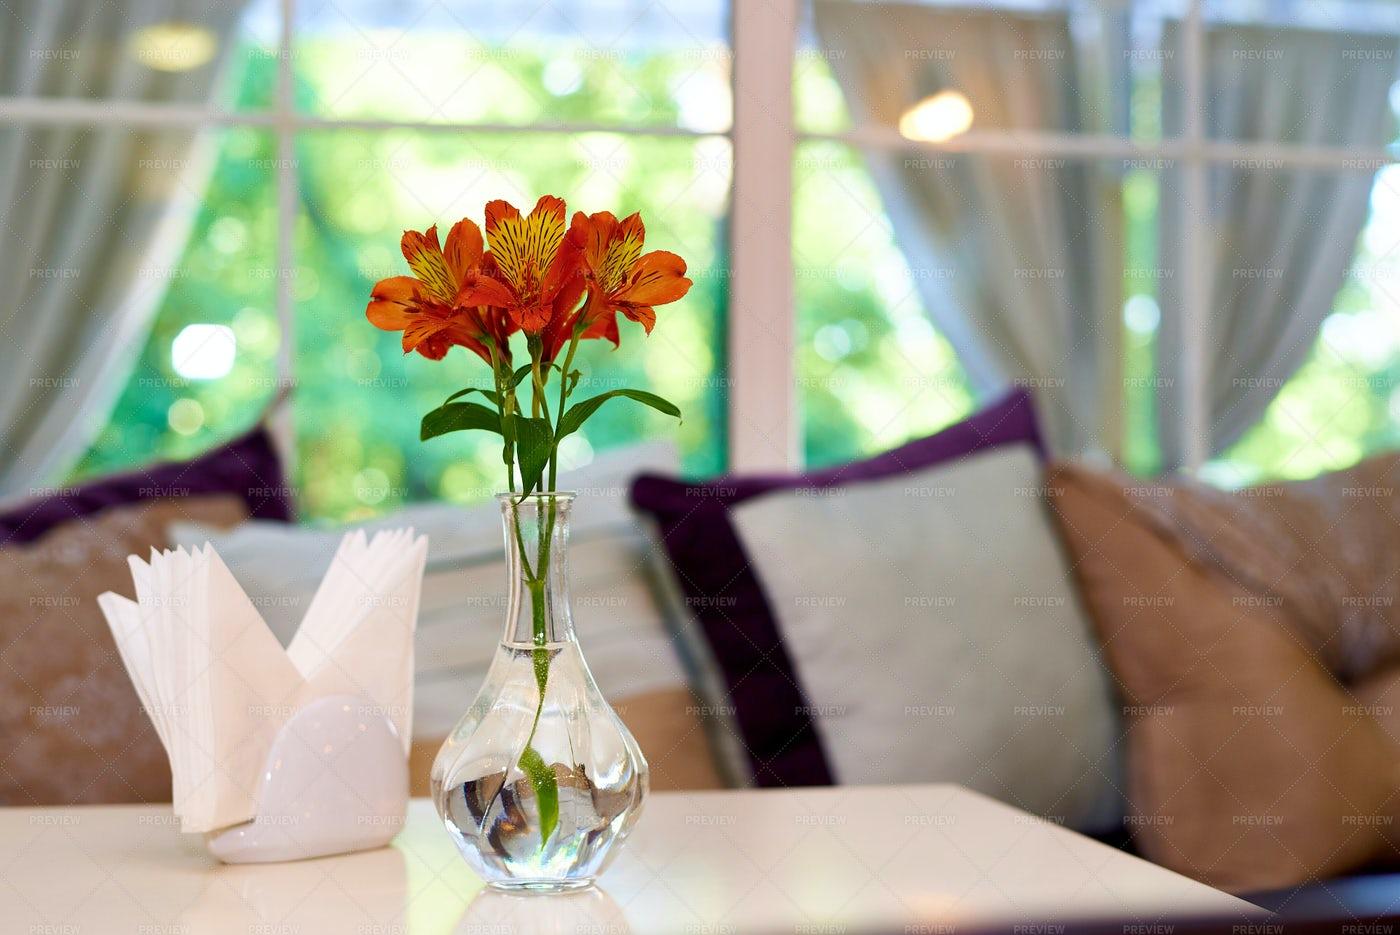 Vase Of Flowers: Stock Photos